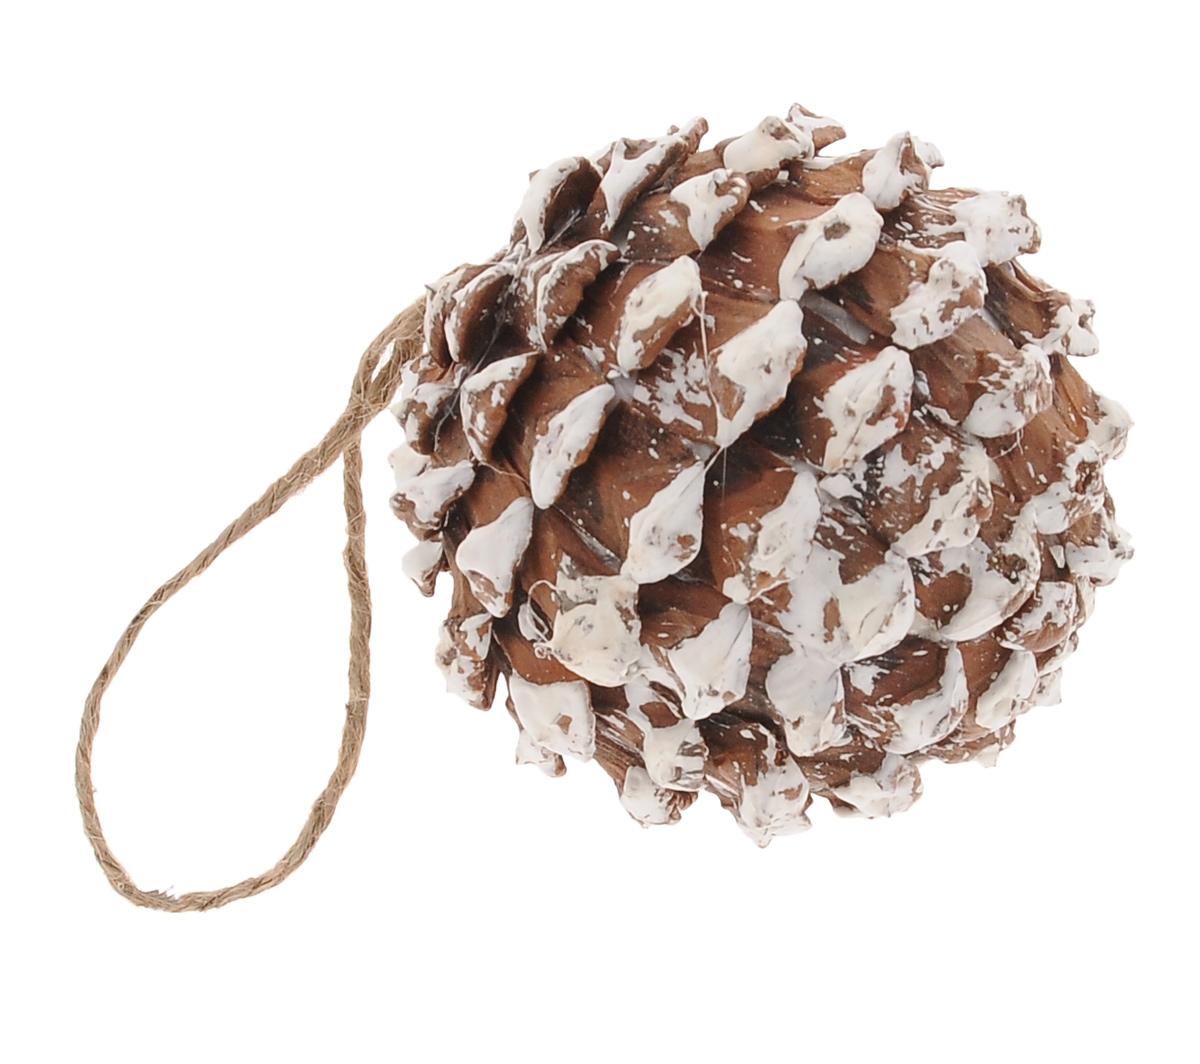 Новогоднее подвесное украшение Winter Wings Шишка, диаметр 8 см97775318Подвесное украшение Winter Wings Шишка, изготовленное из дерева, станет отличным новогодним украшением на елку. Изделие выполнено в виде круглой заснеженной шишки. Подвешивается на елку с помощью текстильной петельки. Ваша зеленая красавица с таким украшением будет выглядеть стильно и волшебно. Создайте в своем доме по-настоящему сказочную атмосферу.